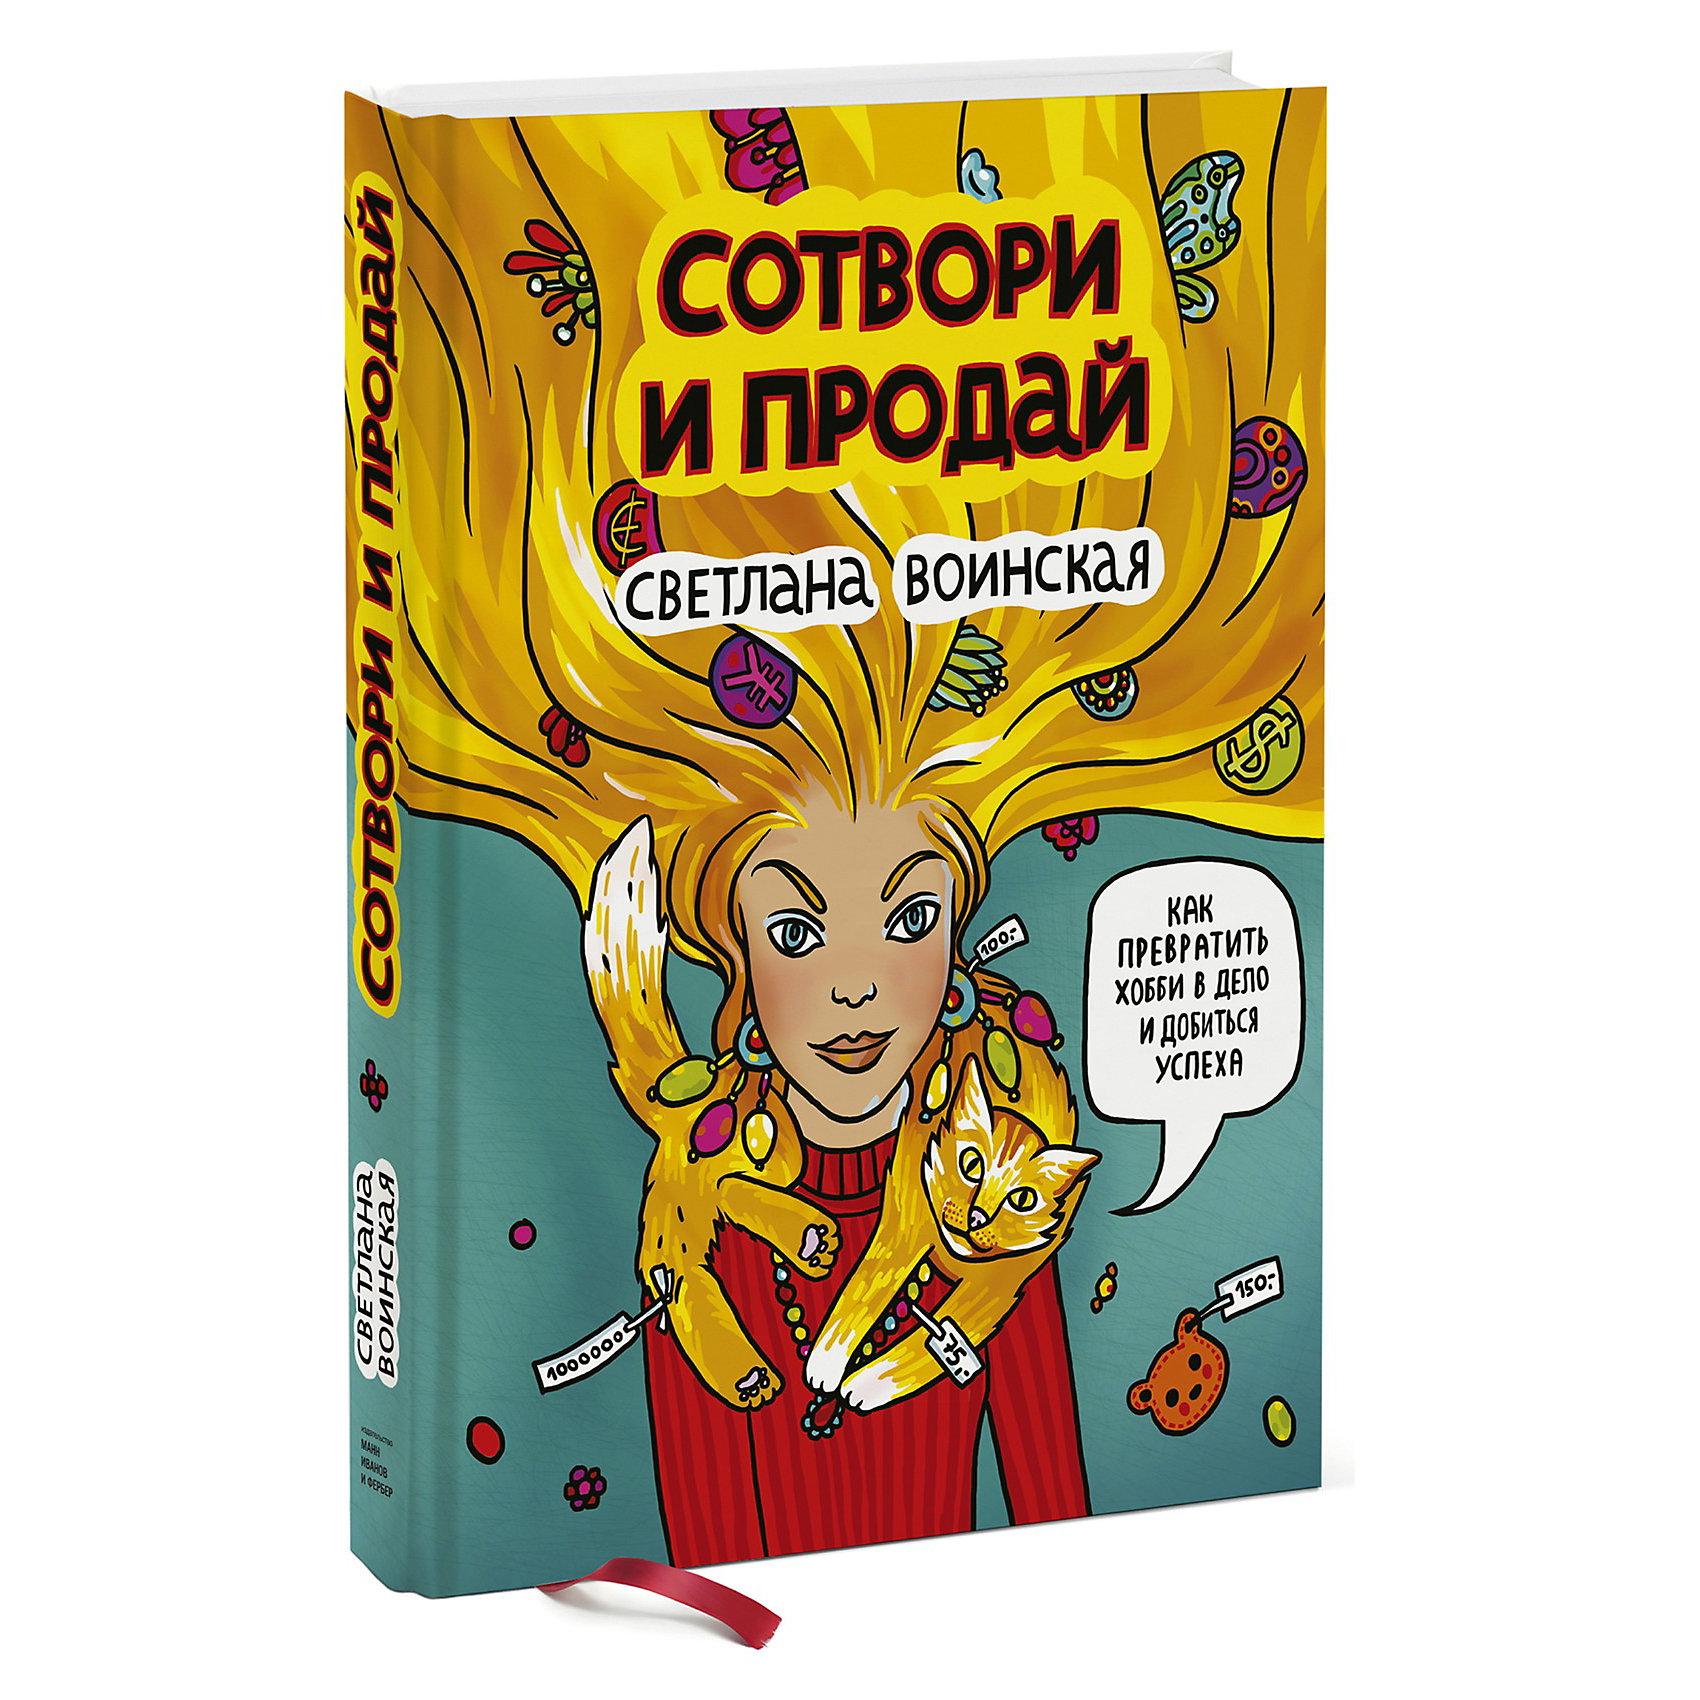 Книга Светланы Воинской Сотвори И Продай Скачать Бесплатно